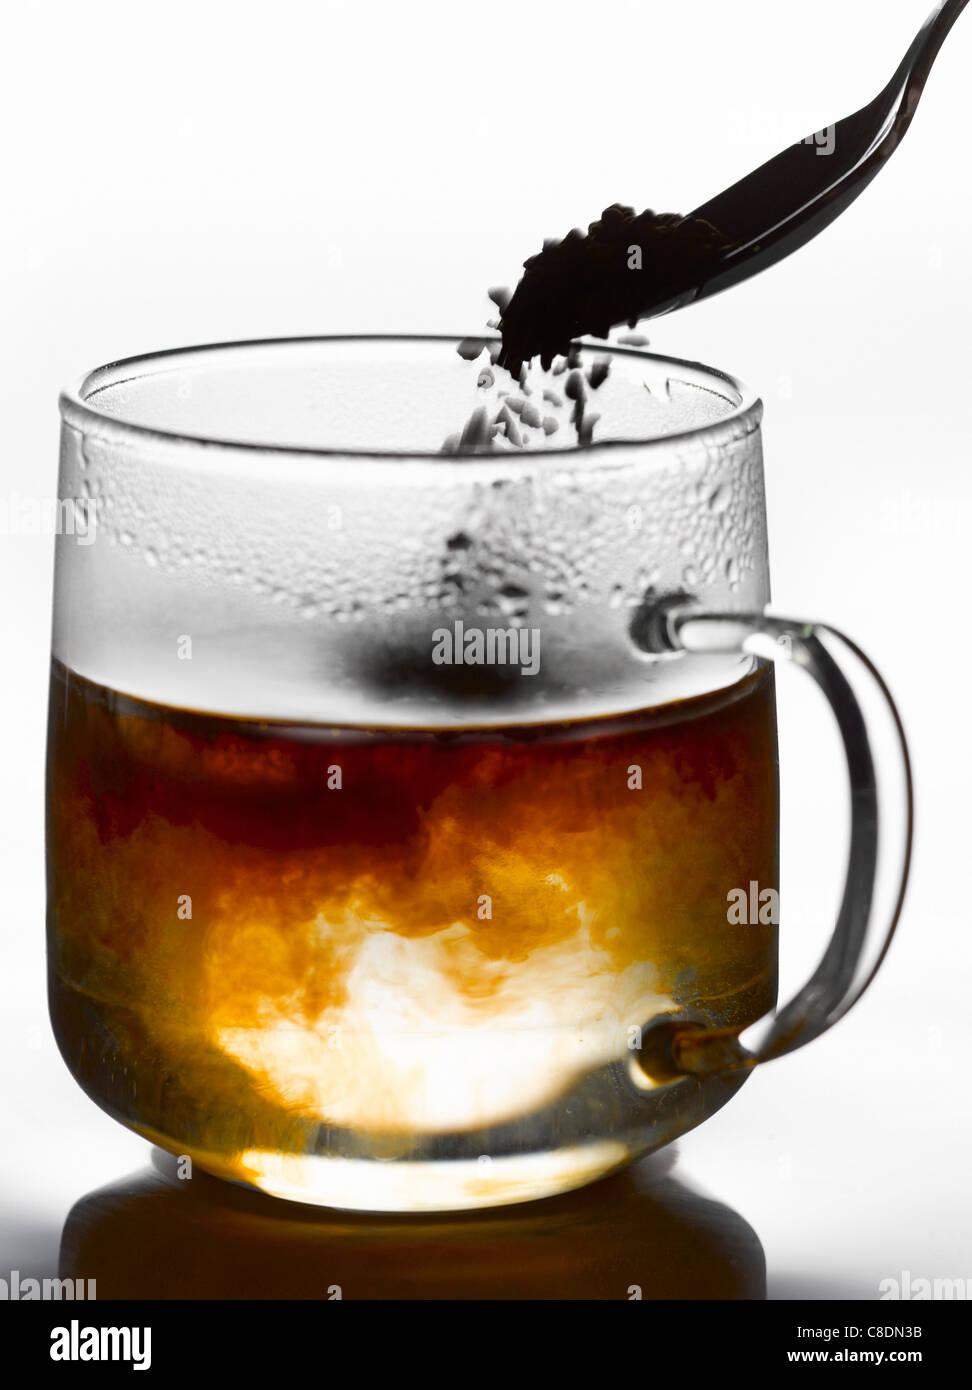 Agregar el café instantáneo en una taza de agua hirviendo Imagen De Stock